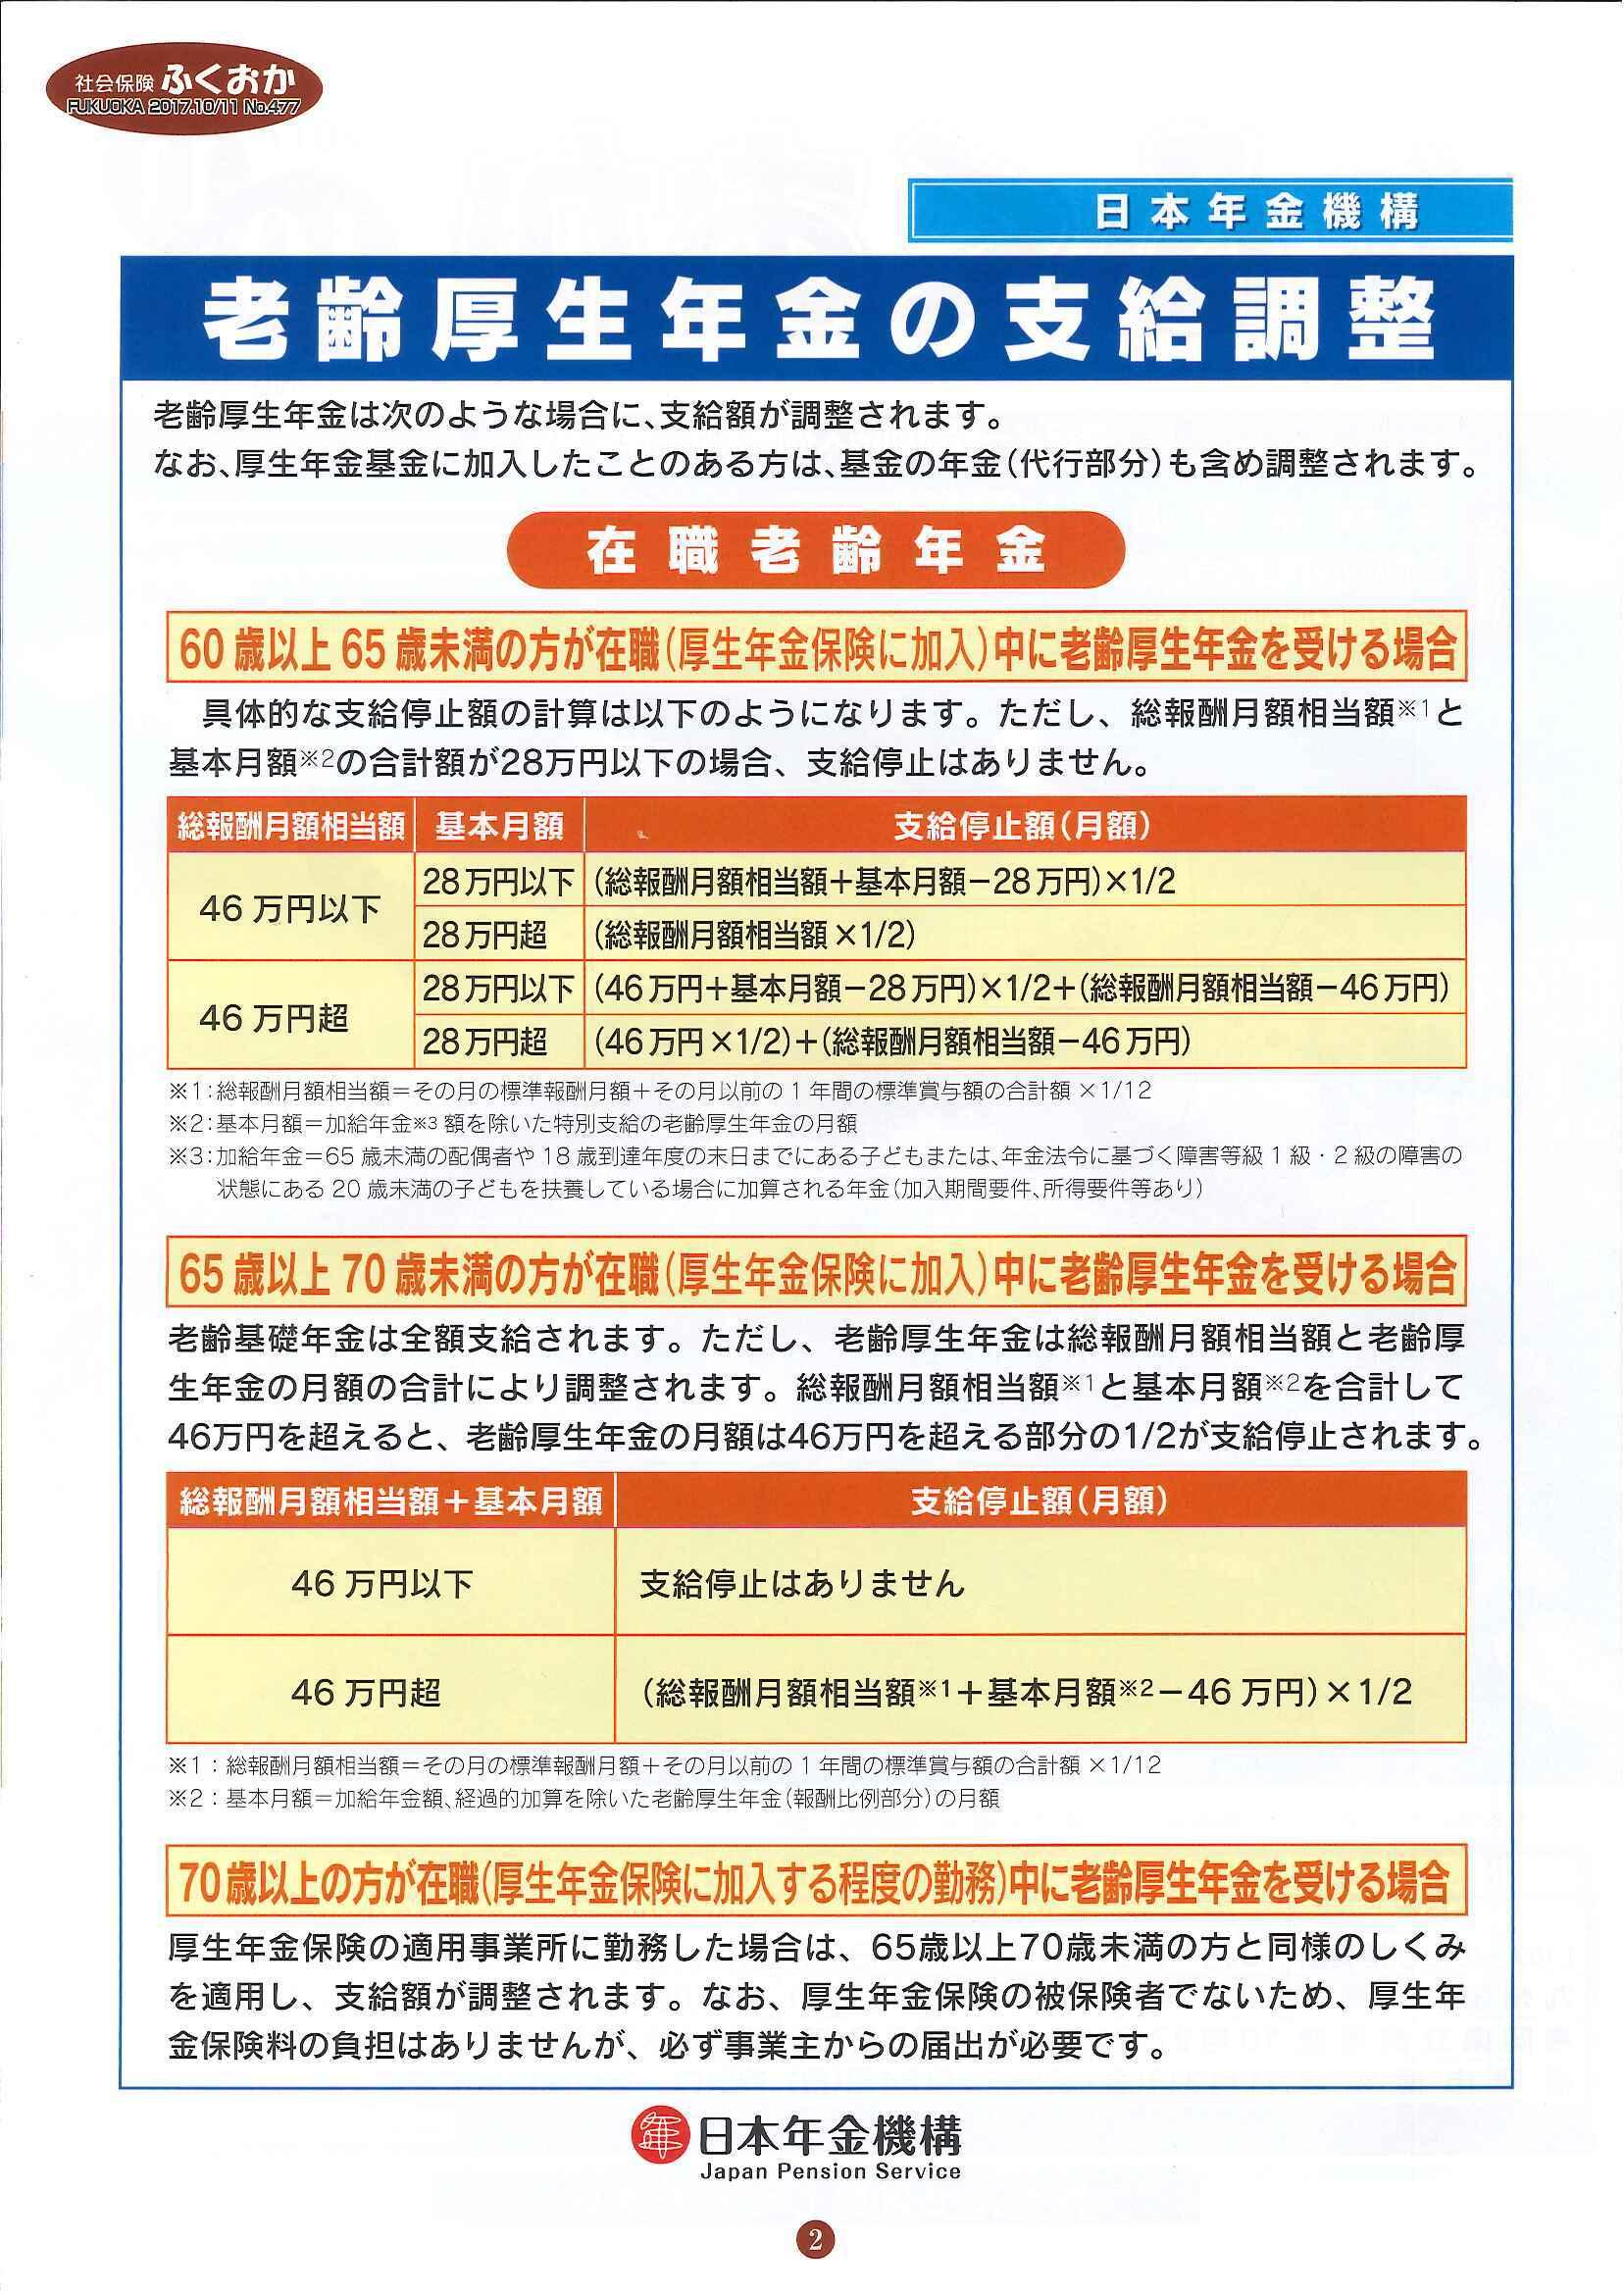 社会保険 ふくおか 2017年10・11月号_f0120774_12320642.jpg